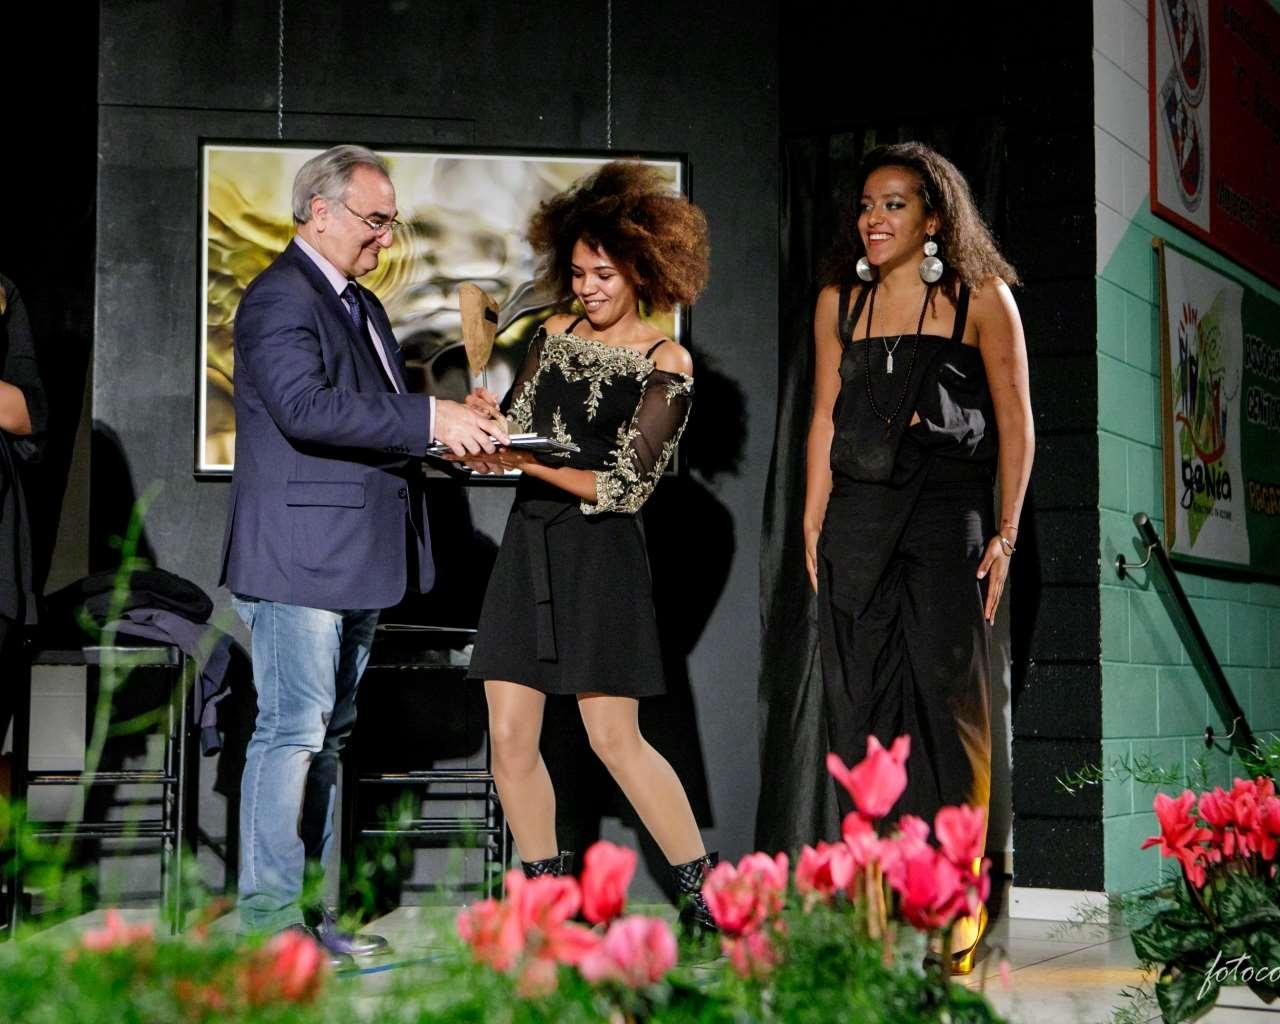 SANREMO-VIDEOCLIP-AWARD_MADRISIO-25OTTOBRE2019_043